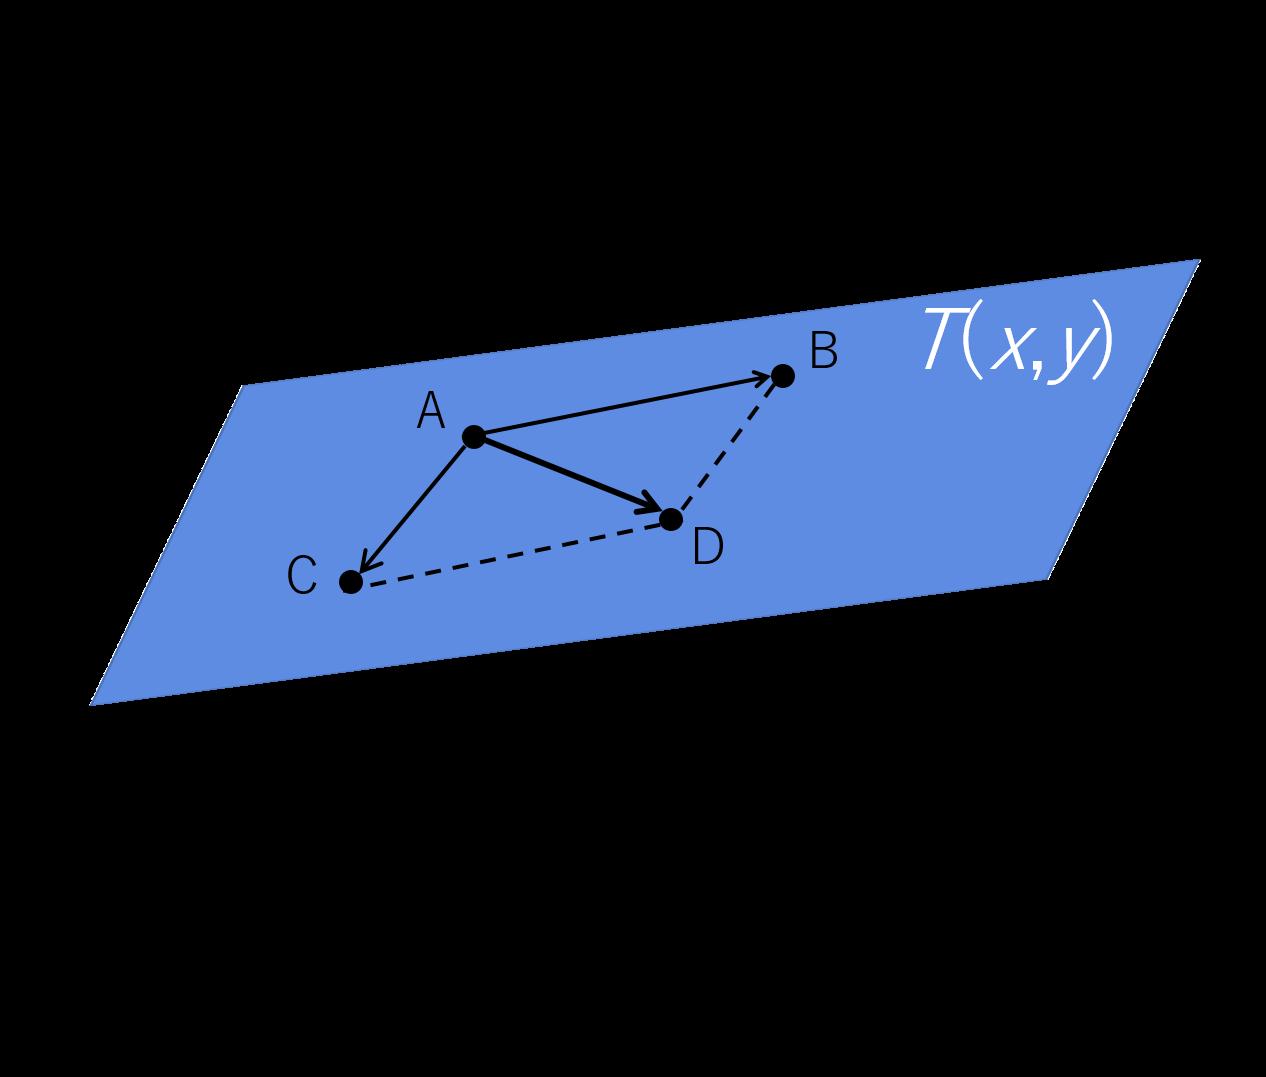 ベクトル解析の勾配のイメージ